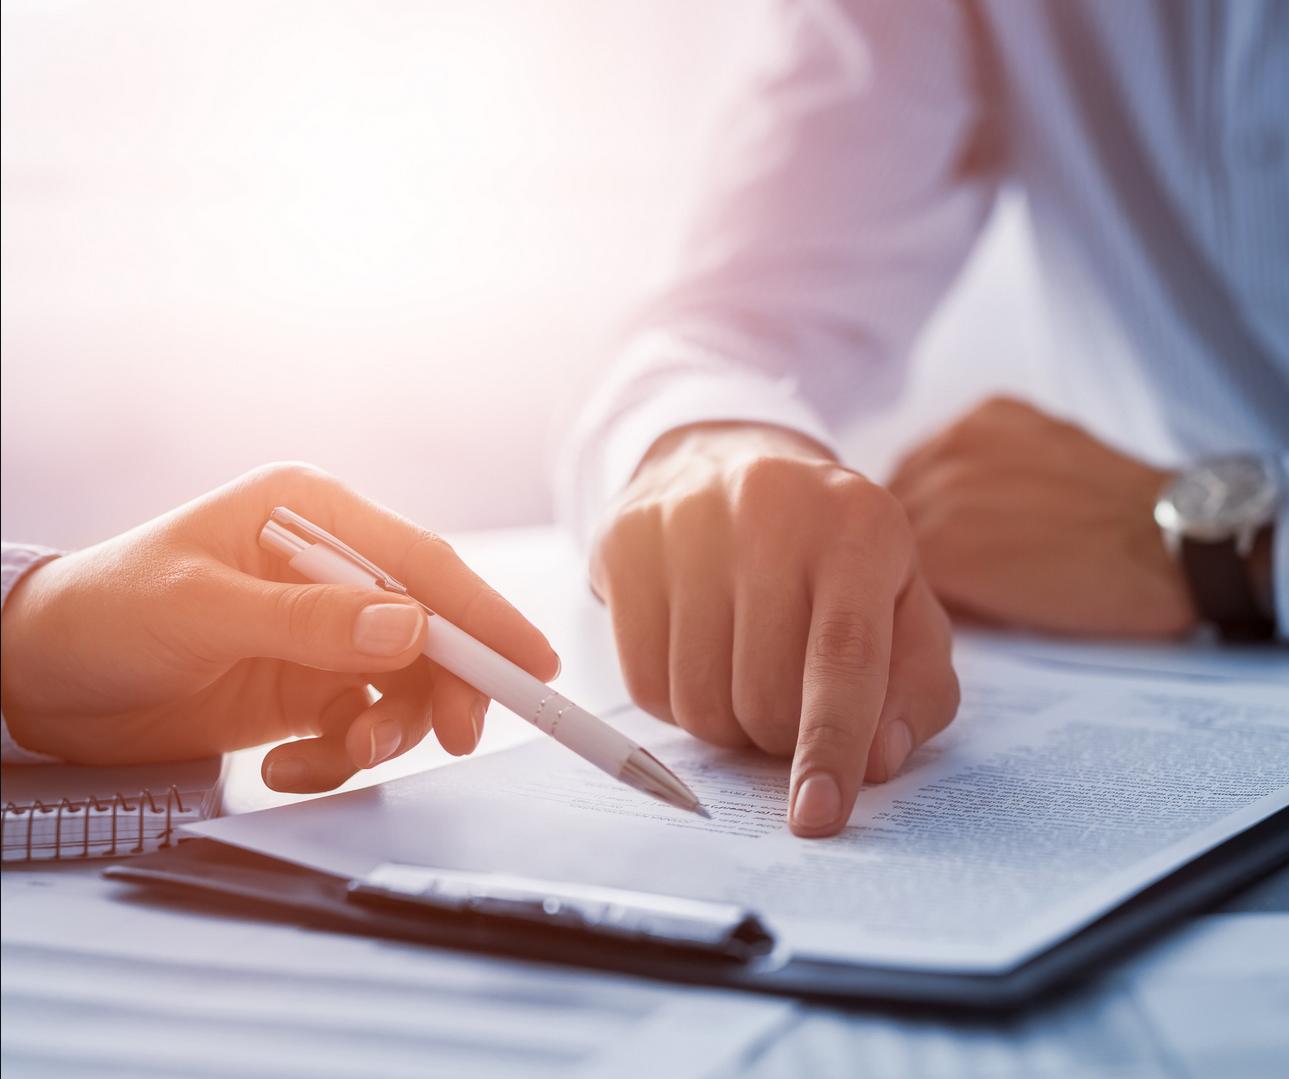 Dokumentacija o nabavi za radove, ugovaranje i izmjene ugovora tijekom njegova trajanja